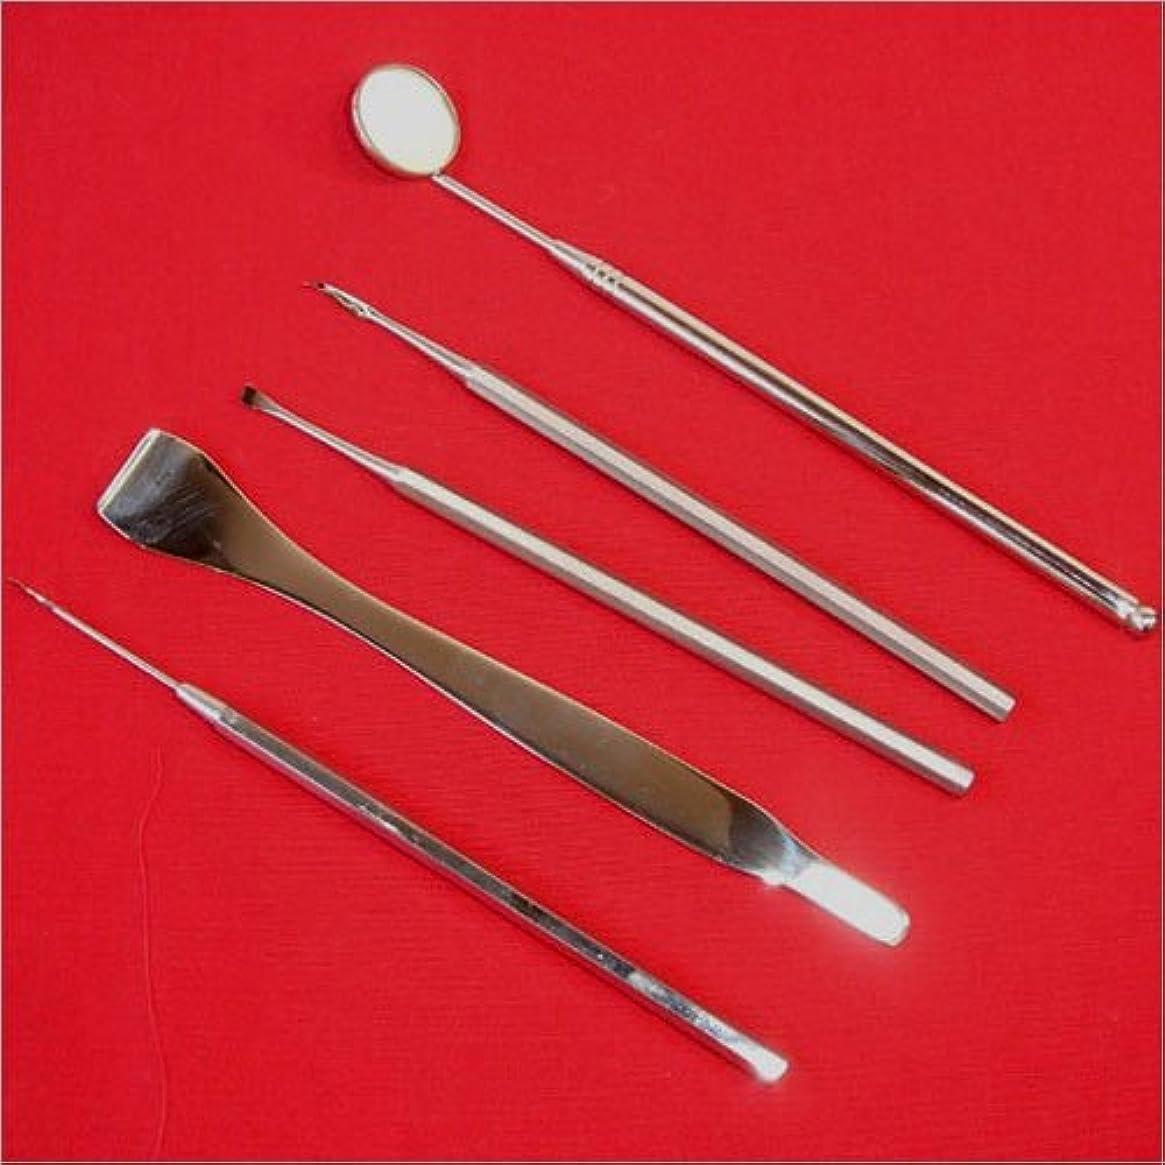 ちょうつがいリマ集中的な岐阜県関の伝統 歯石取りデンタルケアセット